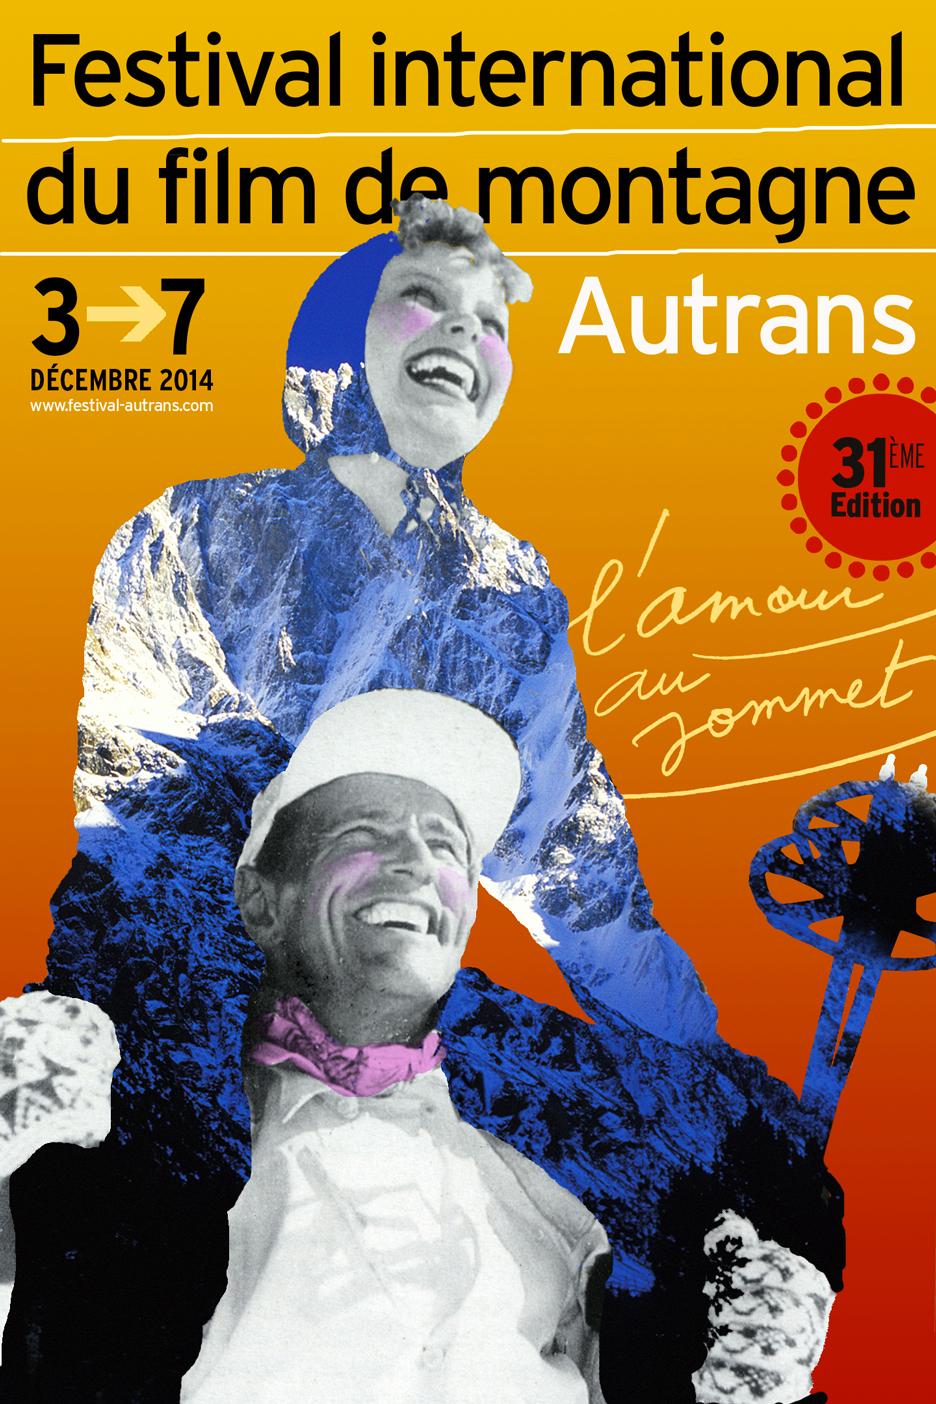 Affiche-Autran-Festival-film-montagne